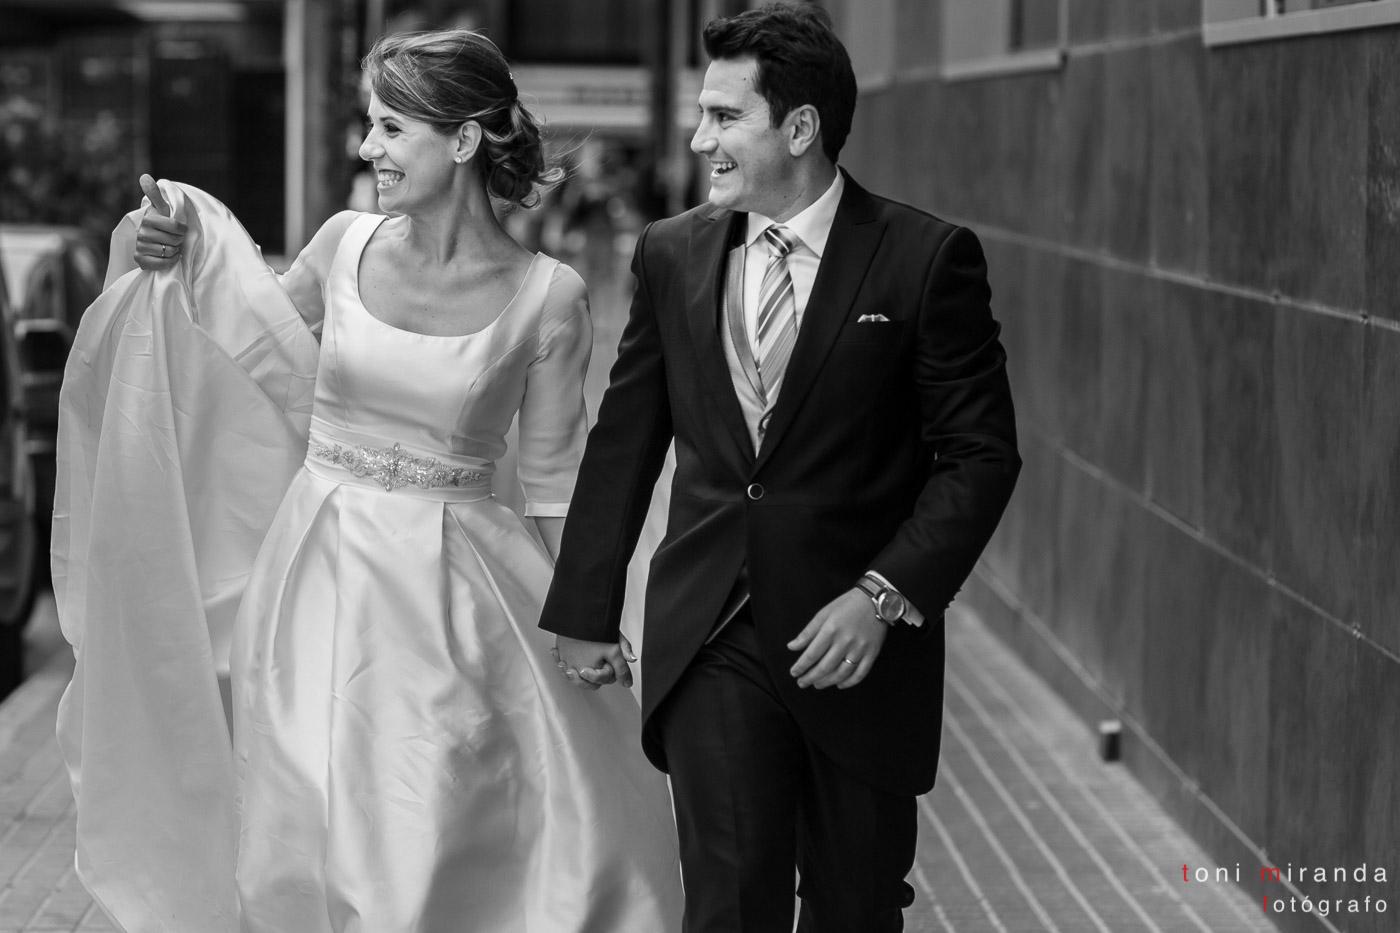 Recién casados camino al banquete de su boda en el Hotel Solymar de Calpe, Alicante